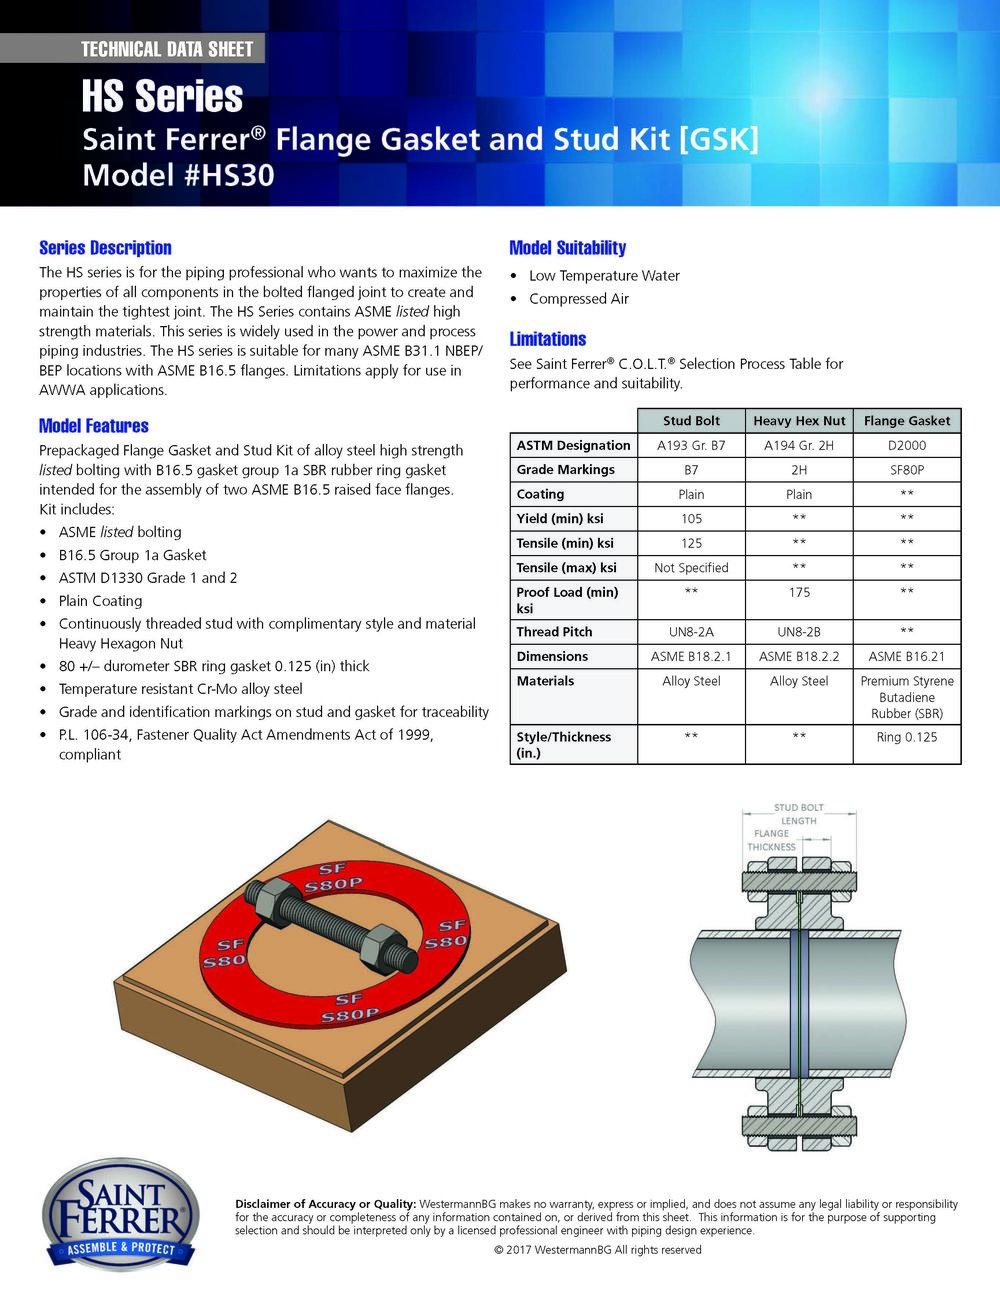 SF_Data_Sheet_HS_Series_HS30.jpg